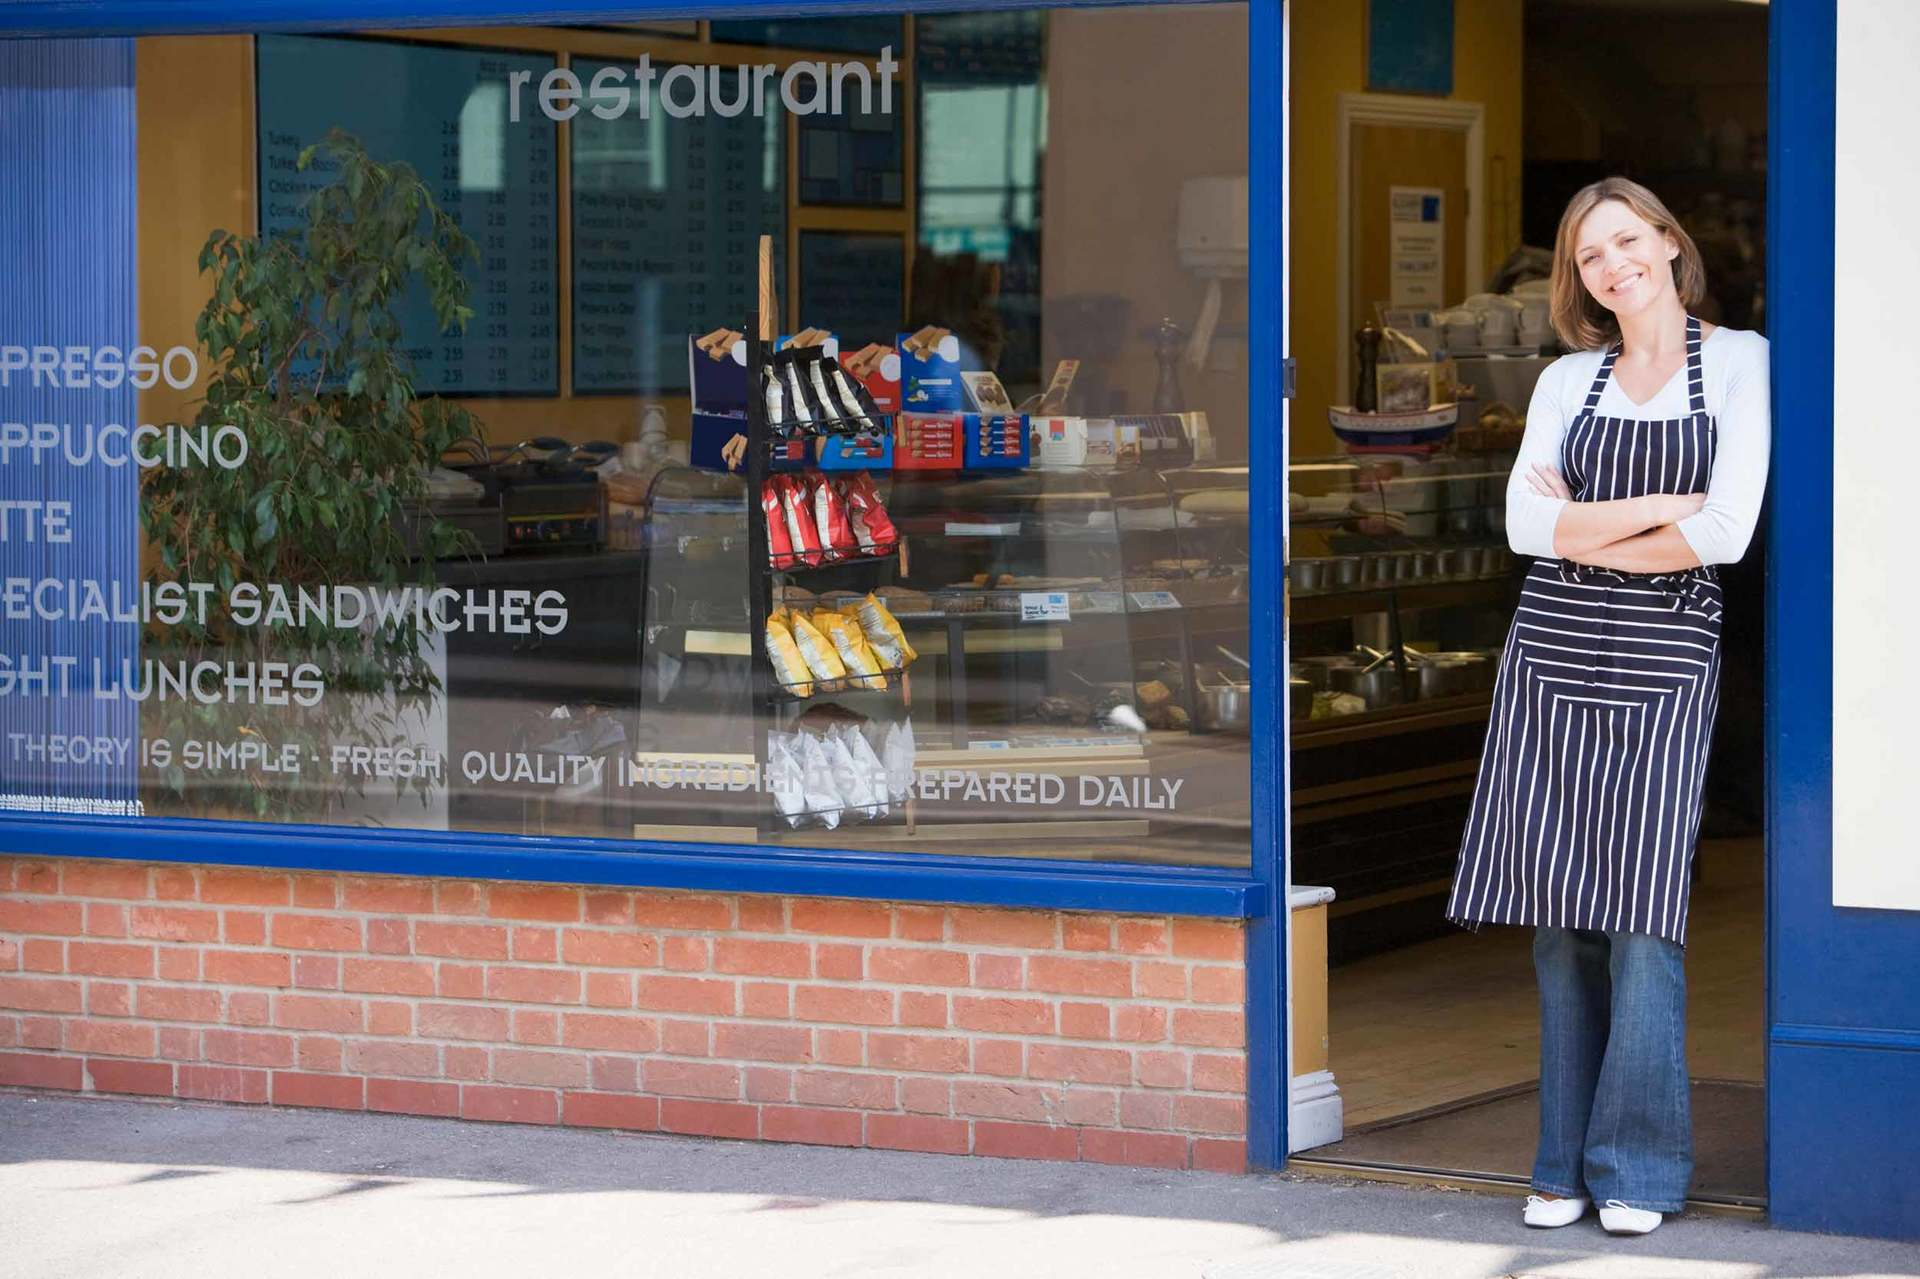 business owner standing by door of restaurant